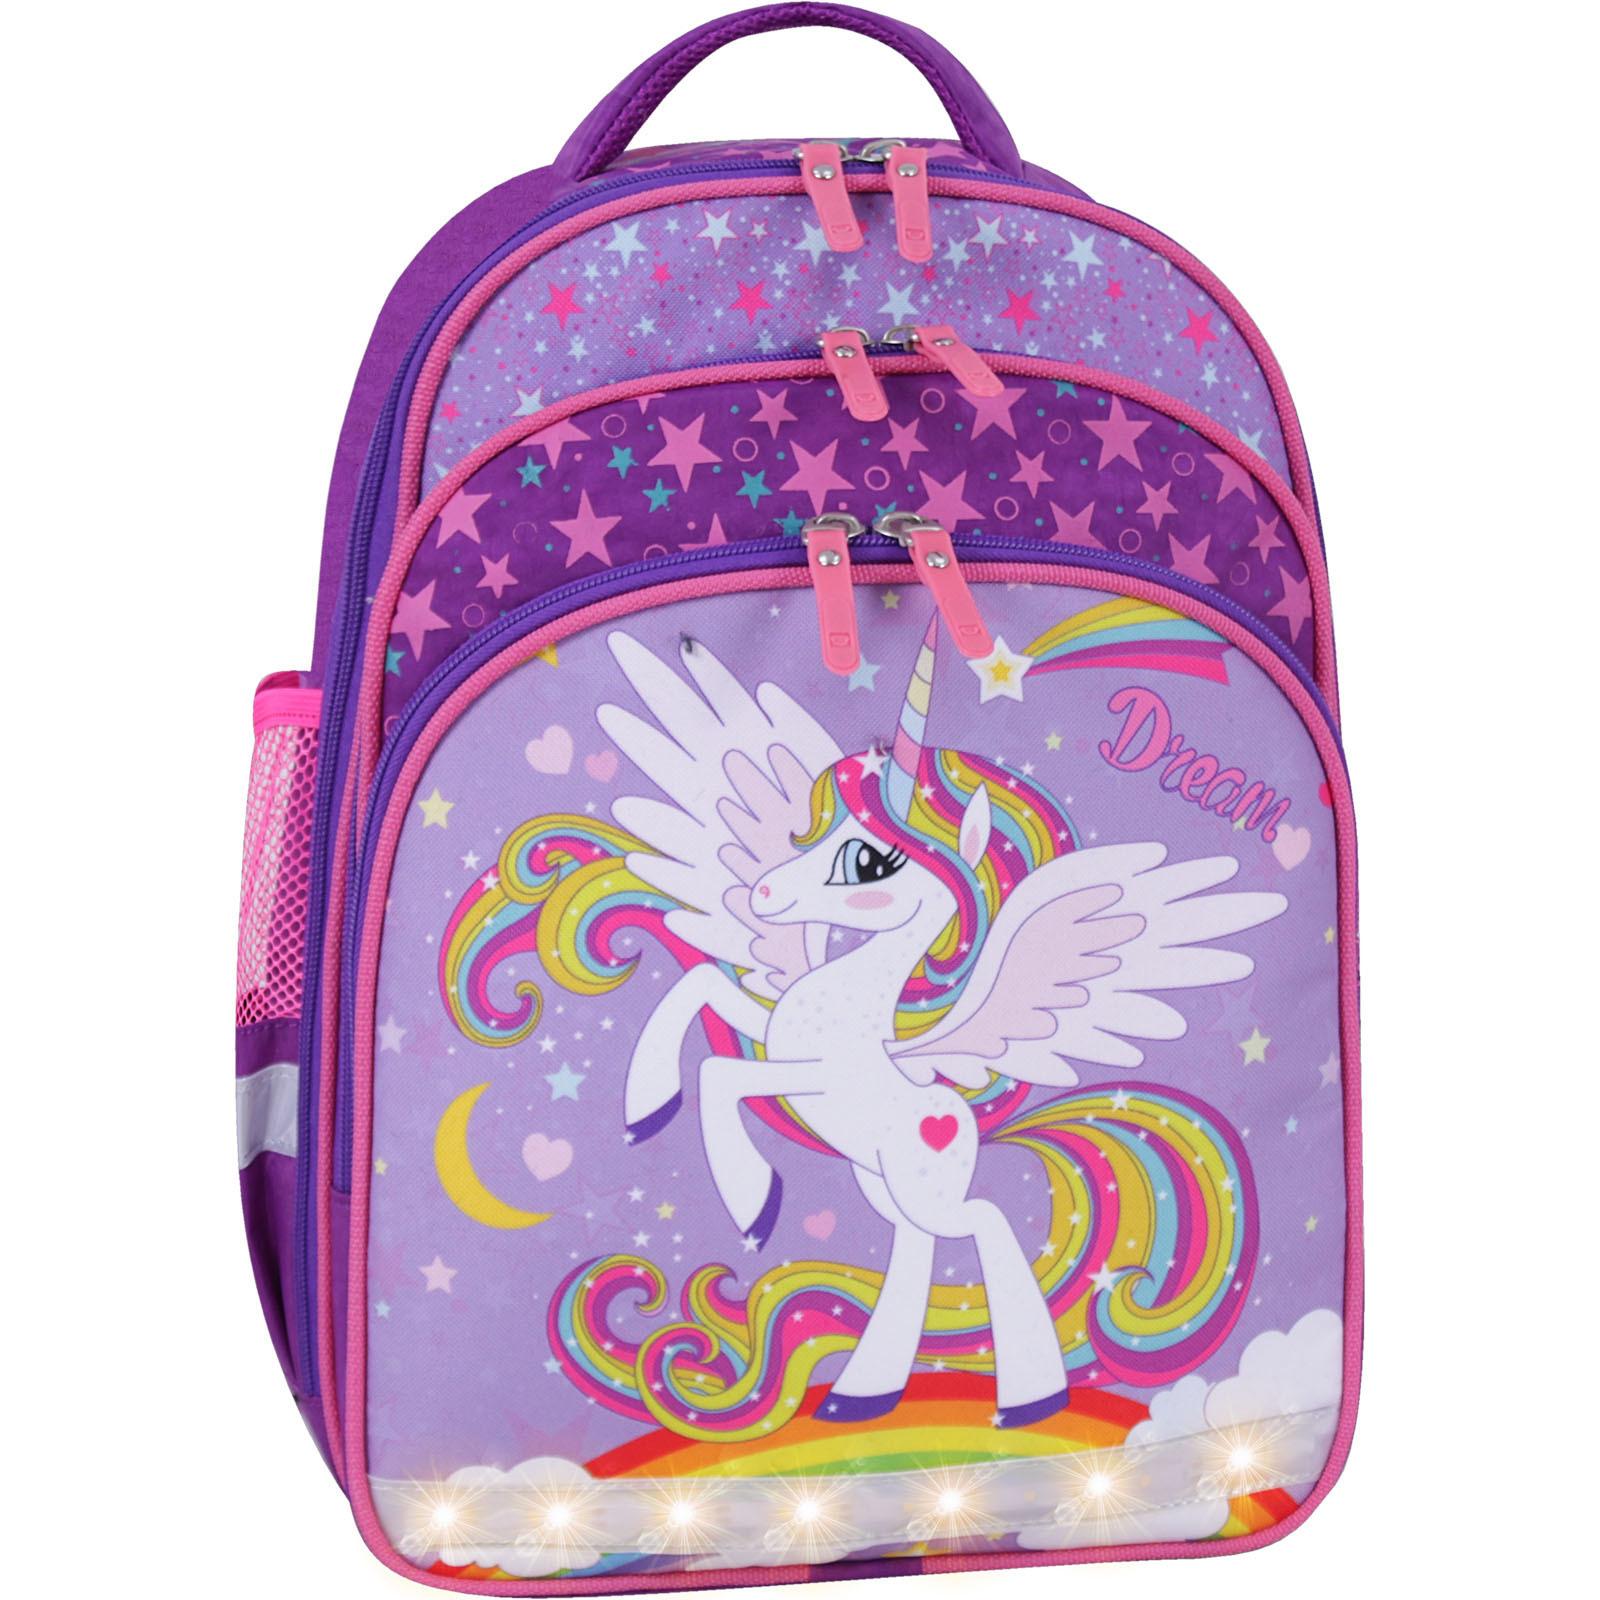 Для детей Рюкзак школьный Bagland Mouse фиолетовый 674 (00513702) IMG_2374_суб.674_-1600.jpg